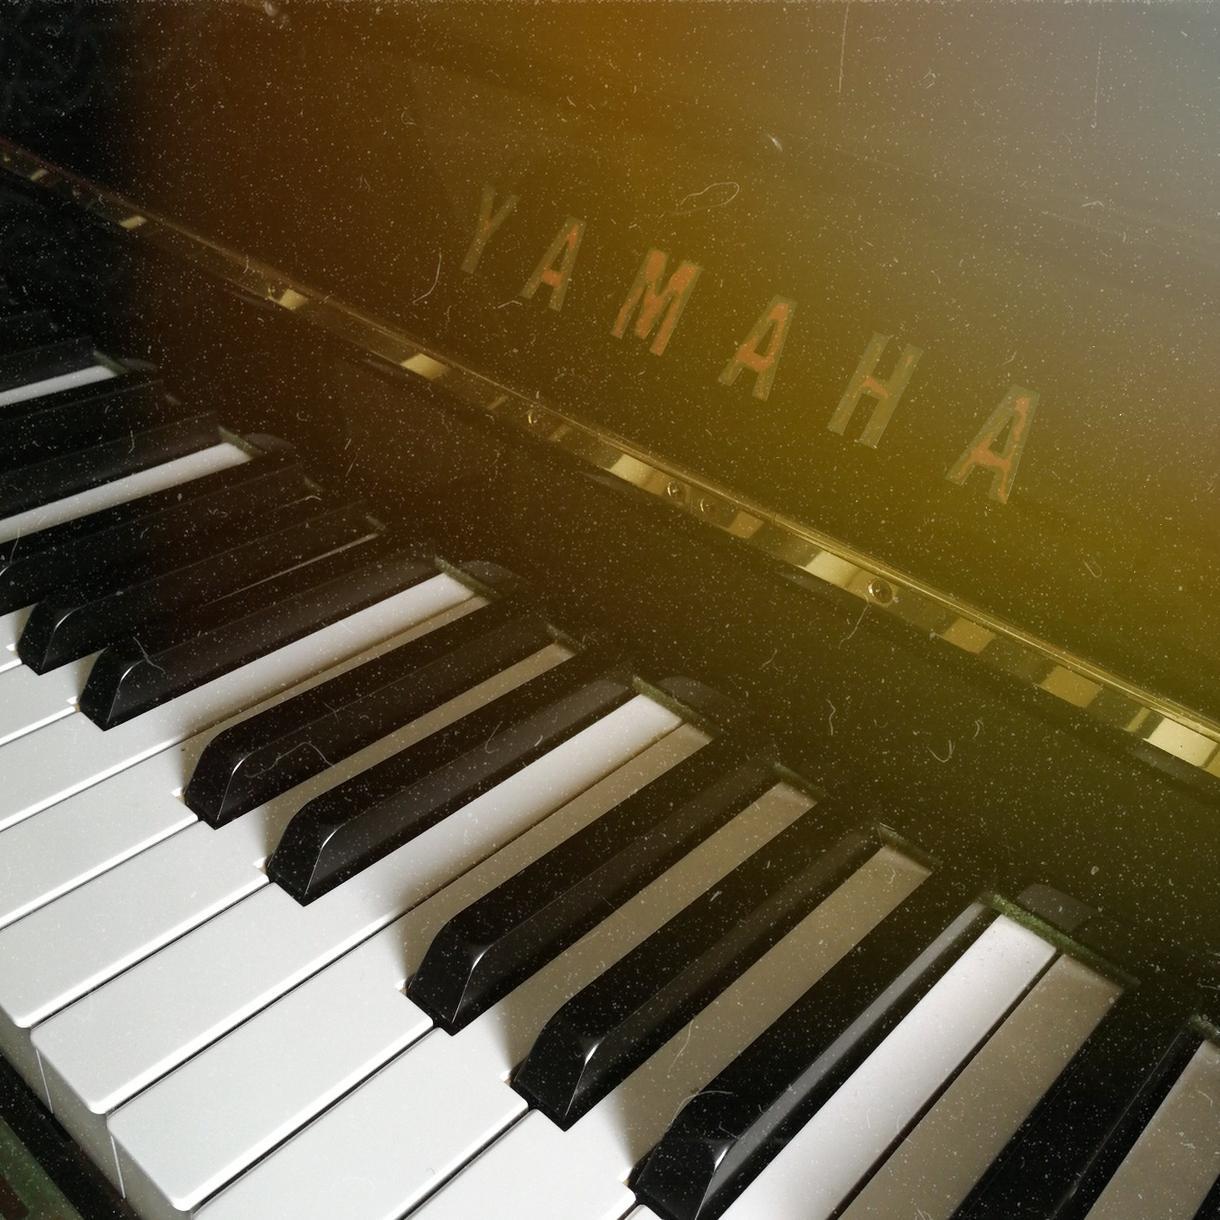 生のピアノ録音!合唱曲のパート練習お手伝いします パート練習に苦労している方に!私にピアノを弾かせてください♪